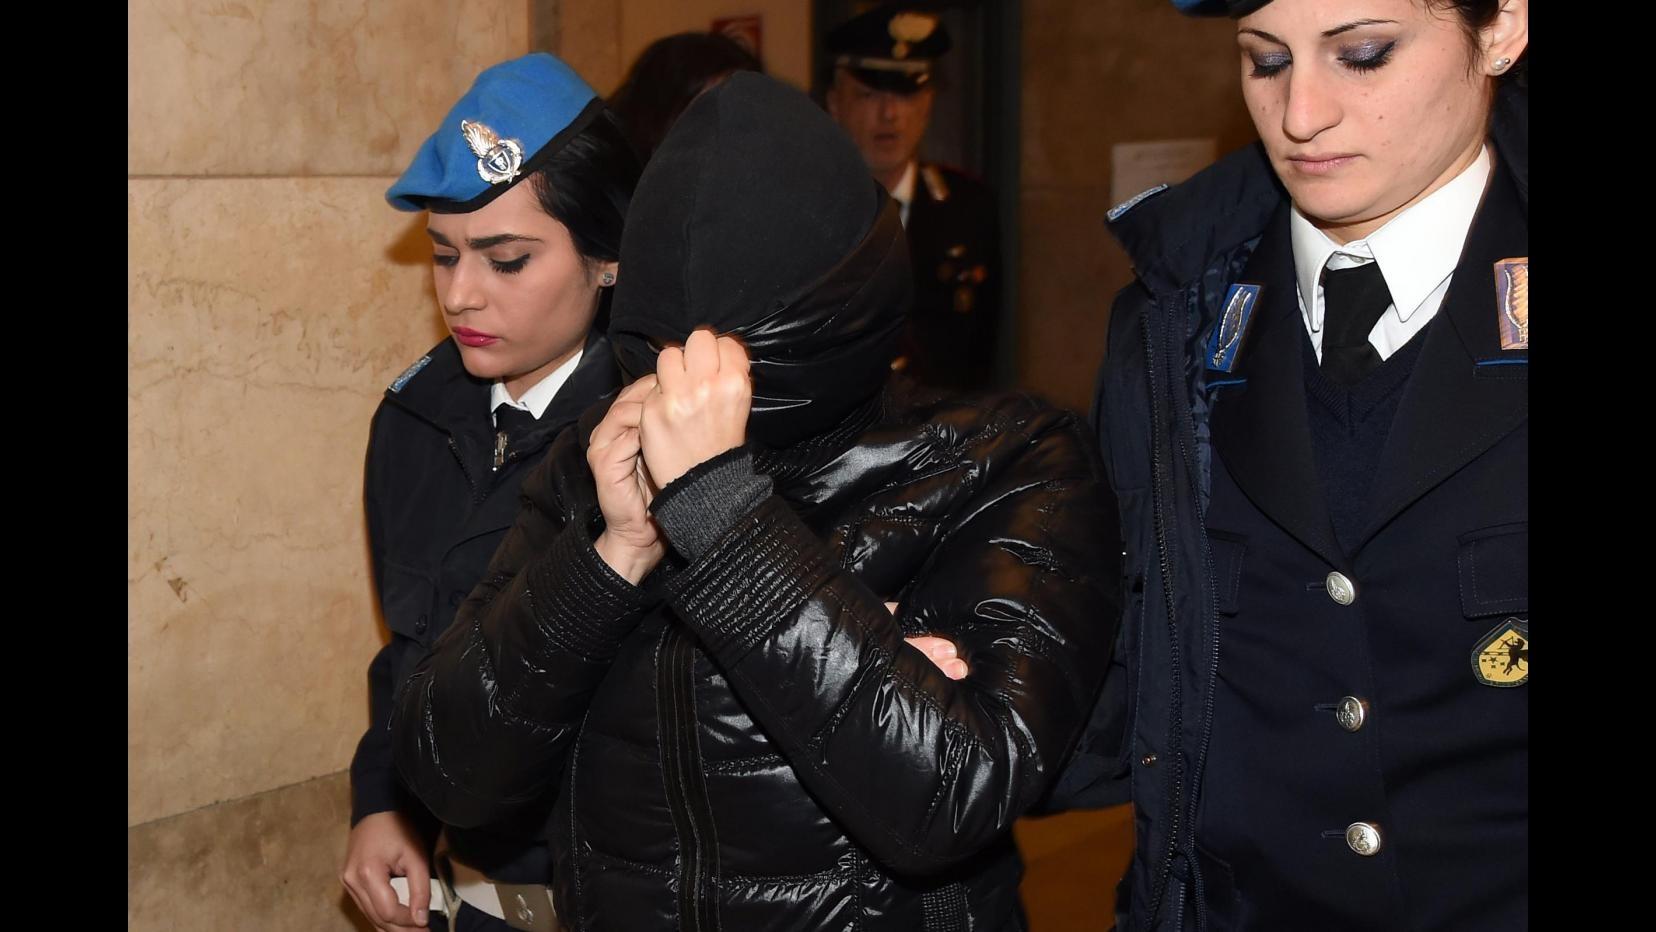 Milano, aperta la procedura di adottabilità per Achille, il figlio di Martina Levato